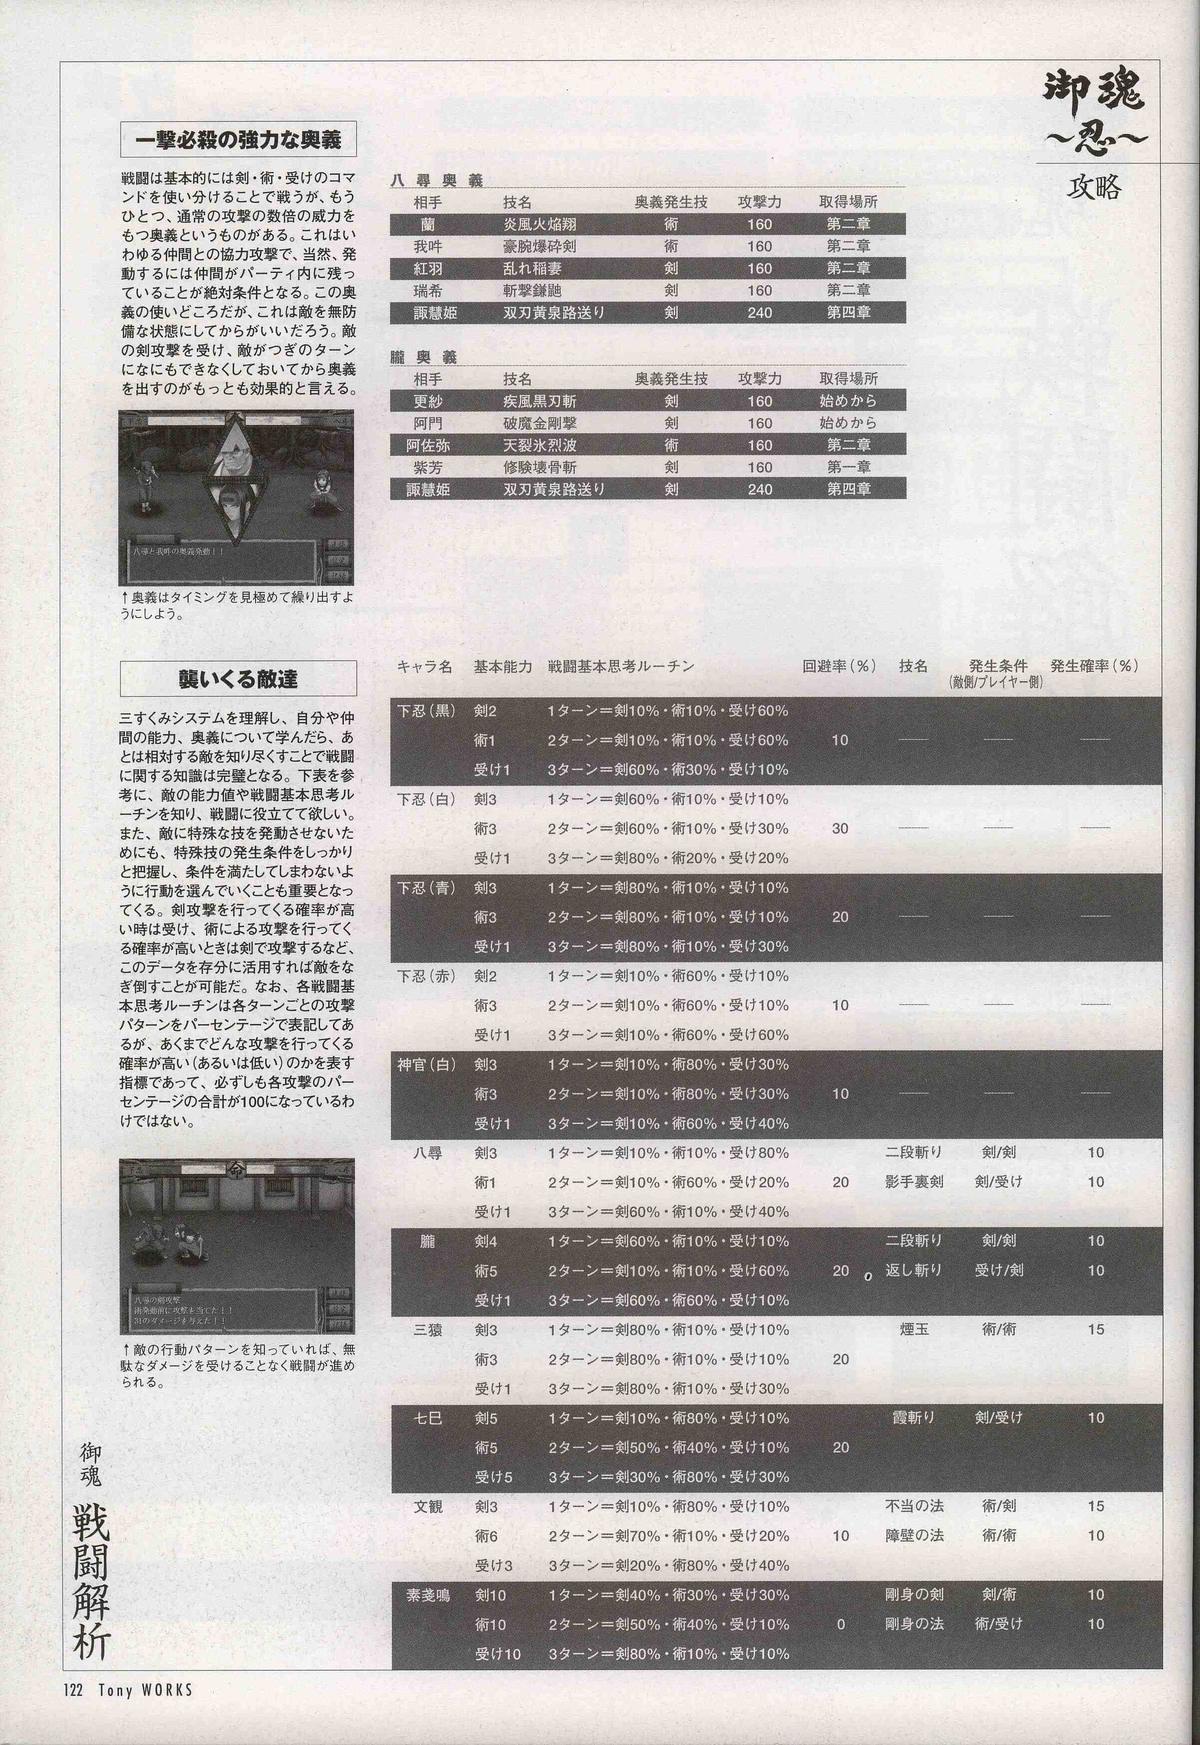 御魂~忍~×ARCANA~光と闇のエクスタシス~二作品原画 126